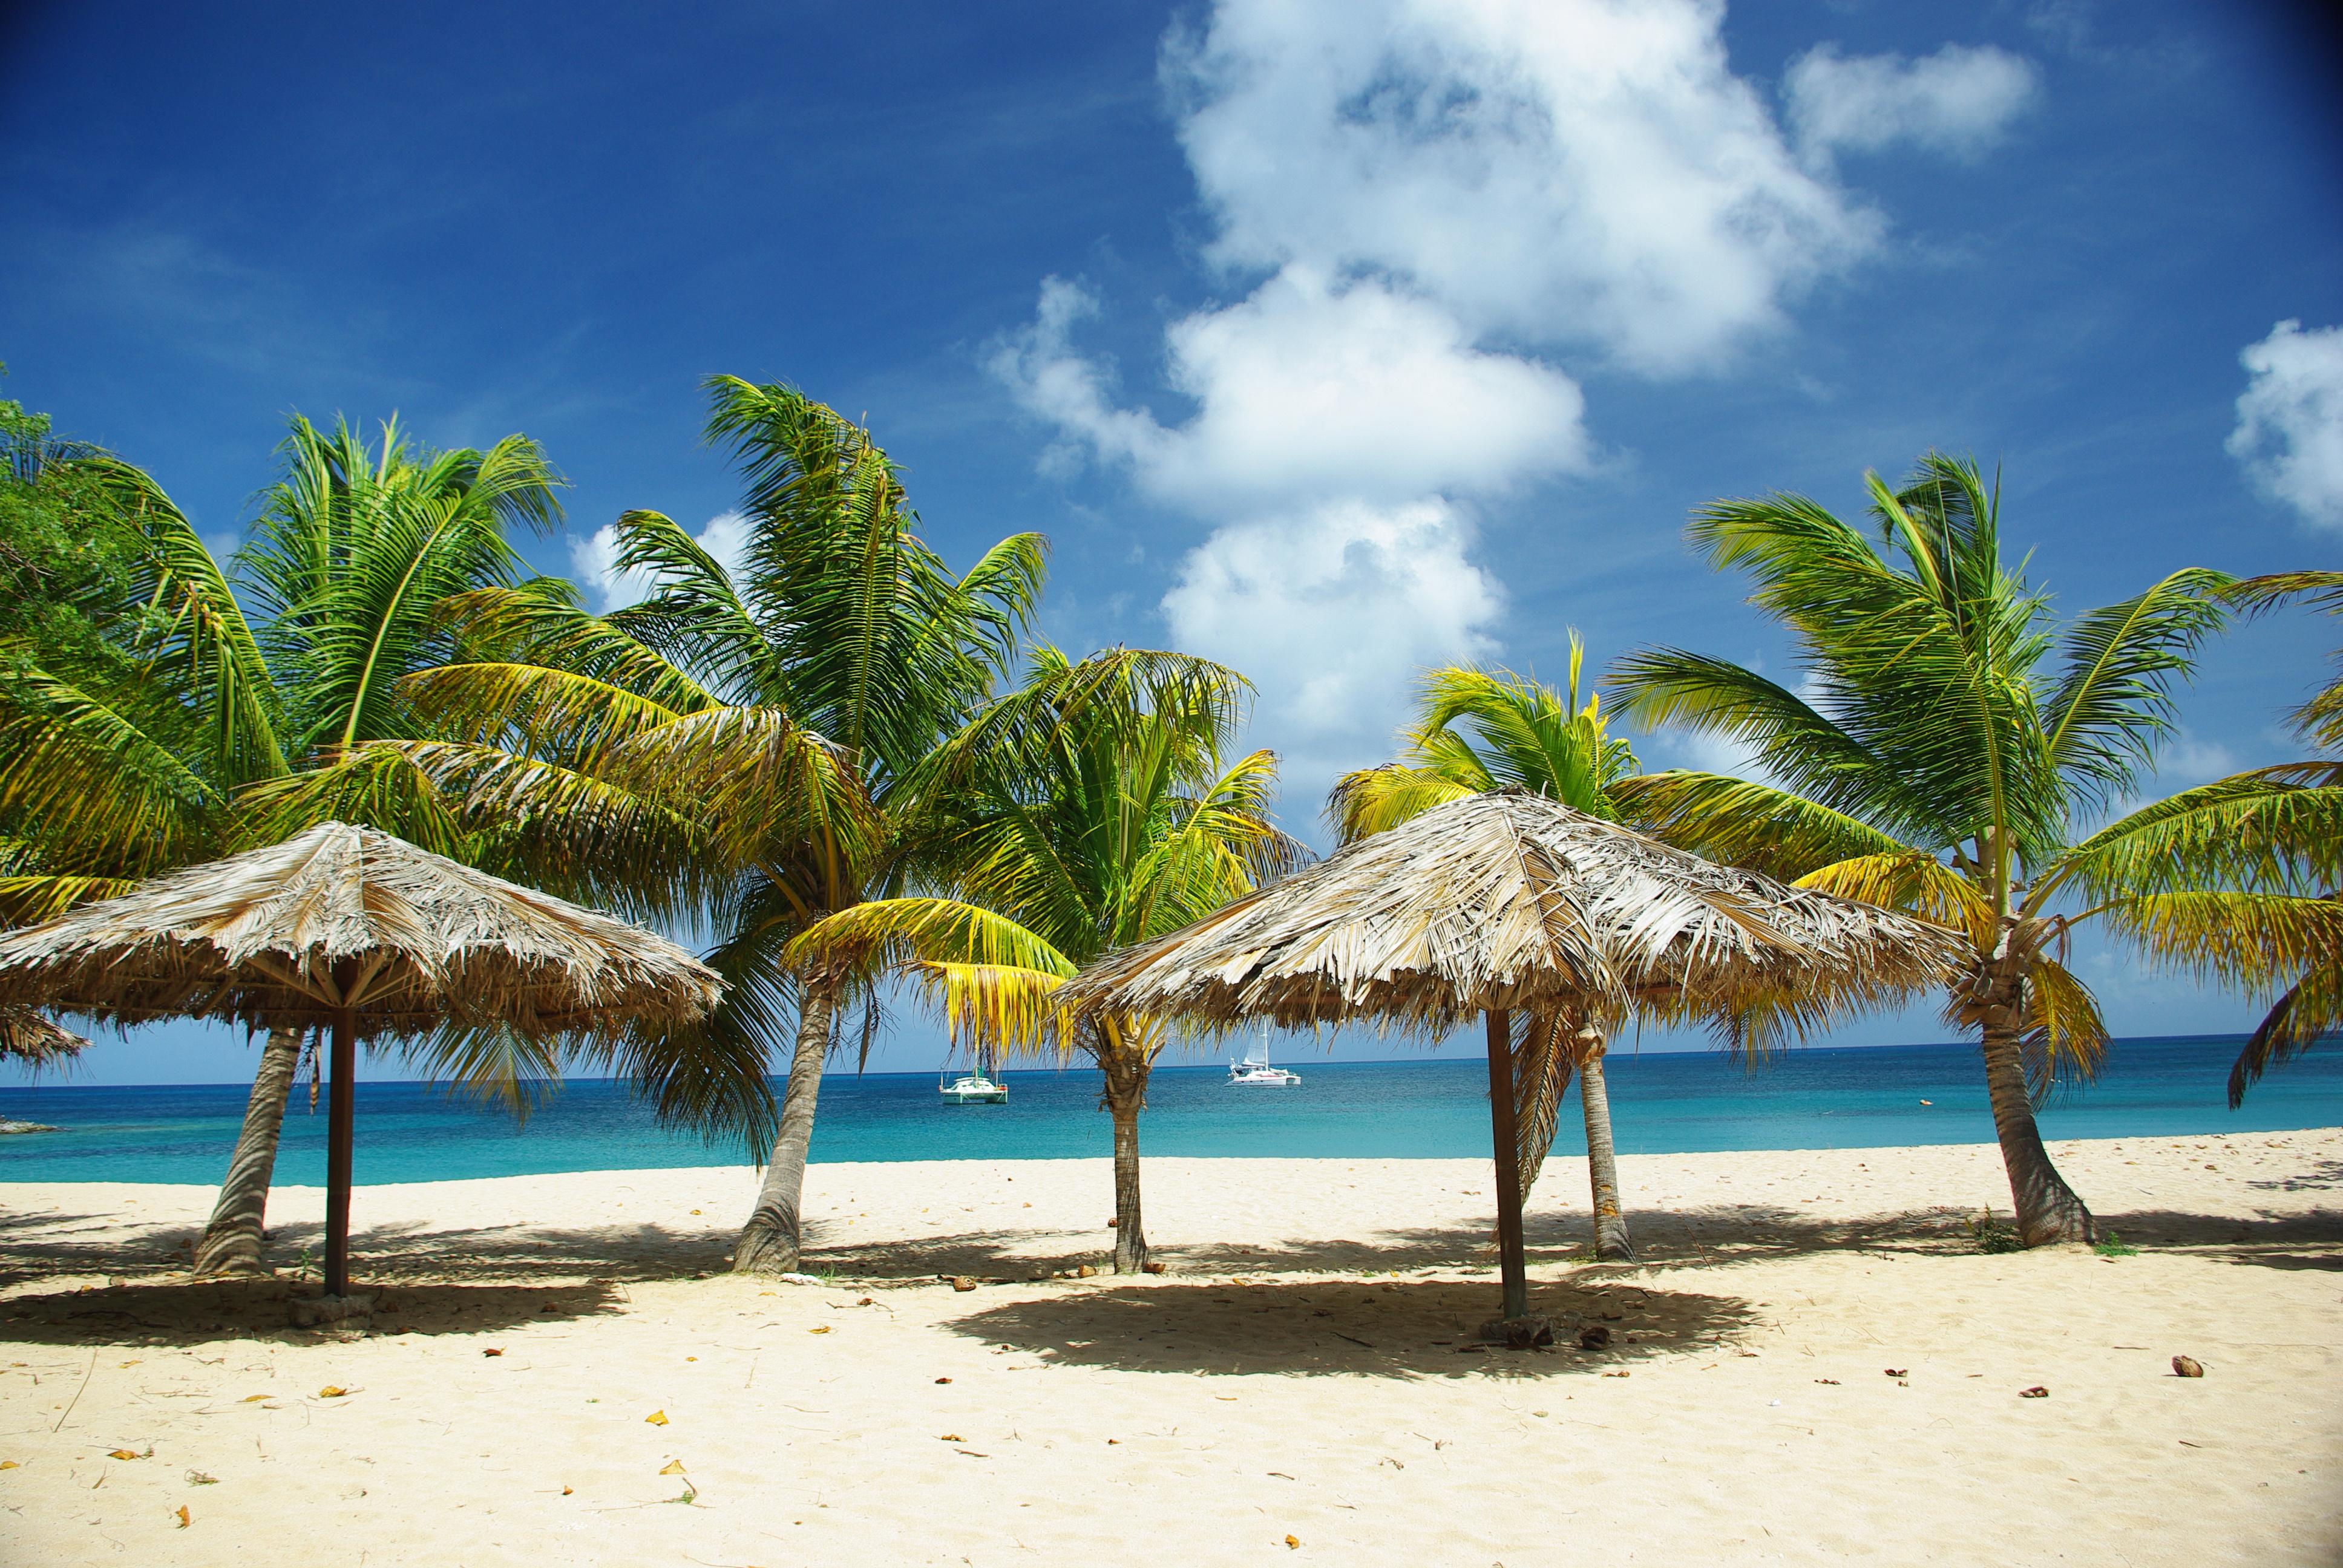 Île Canouan - Saint-Vincent-et-les-Grenadines